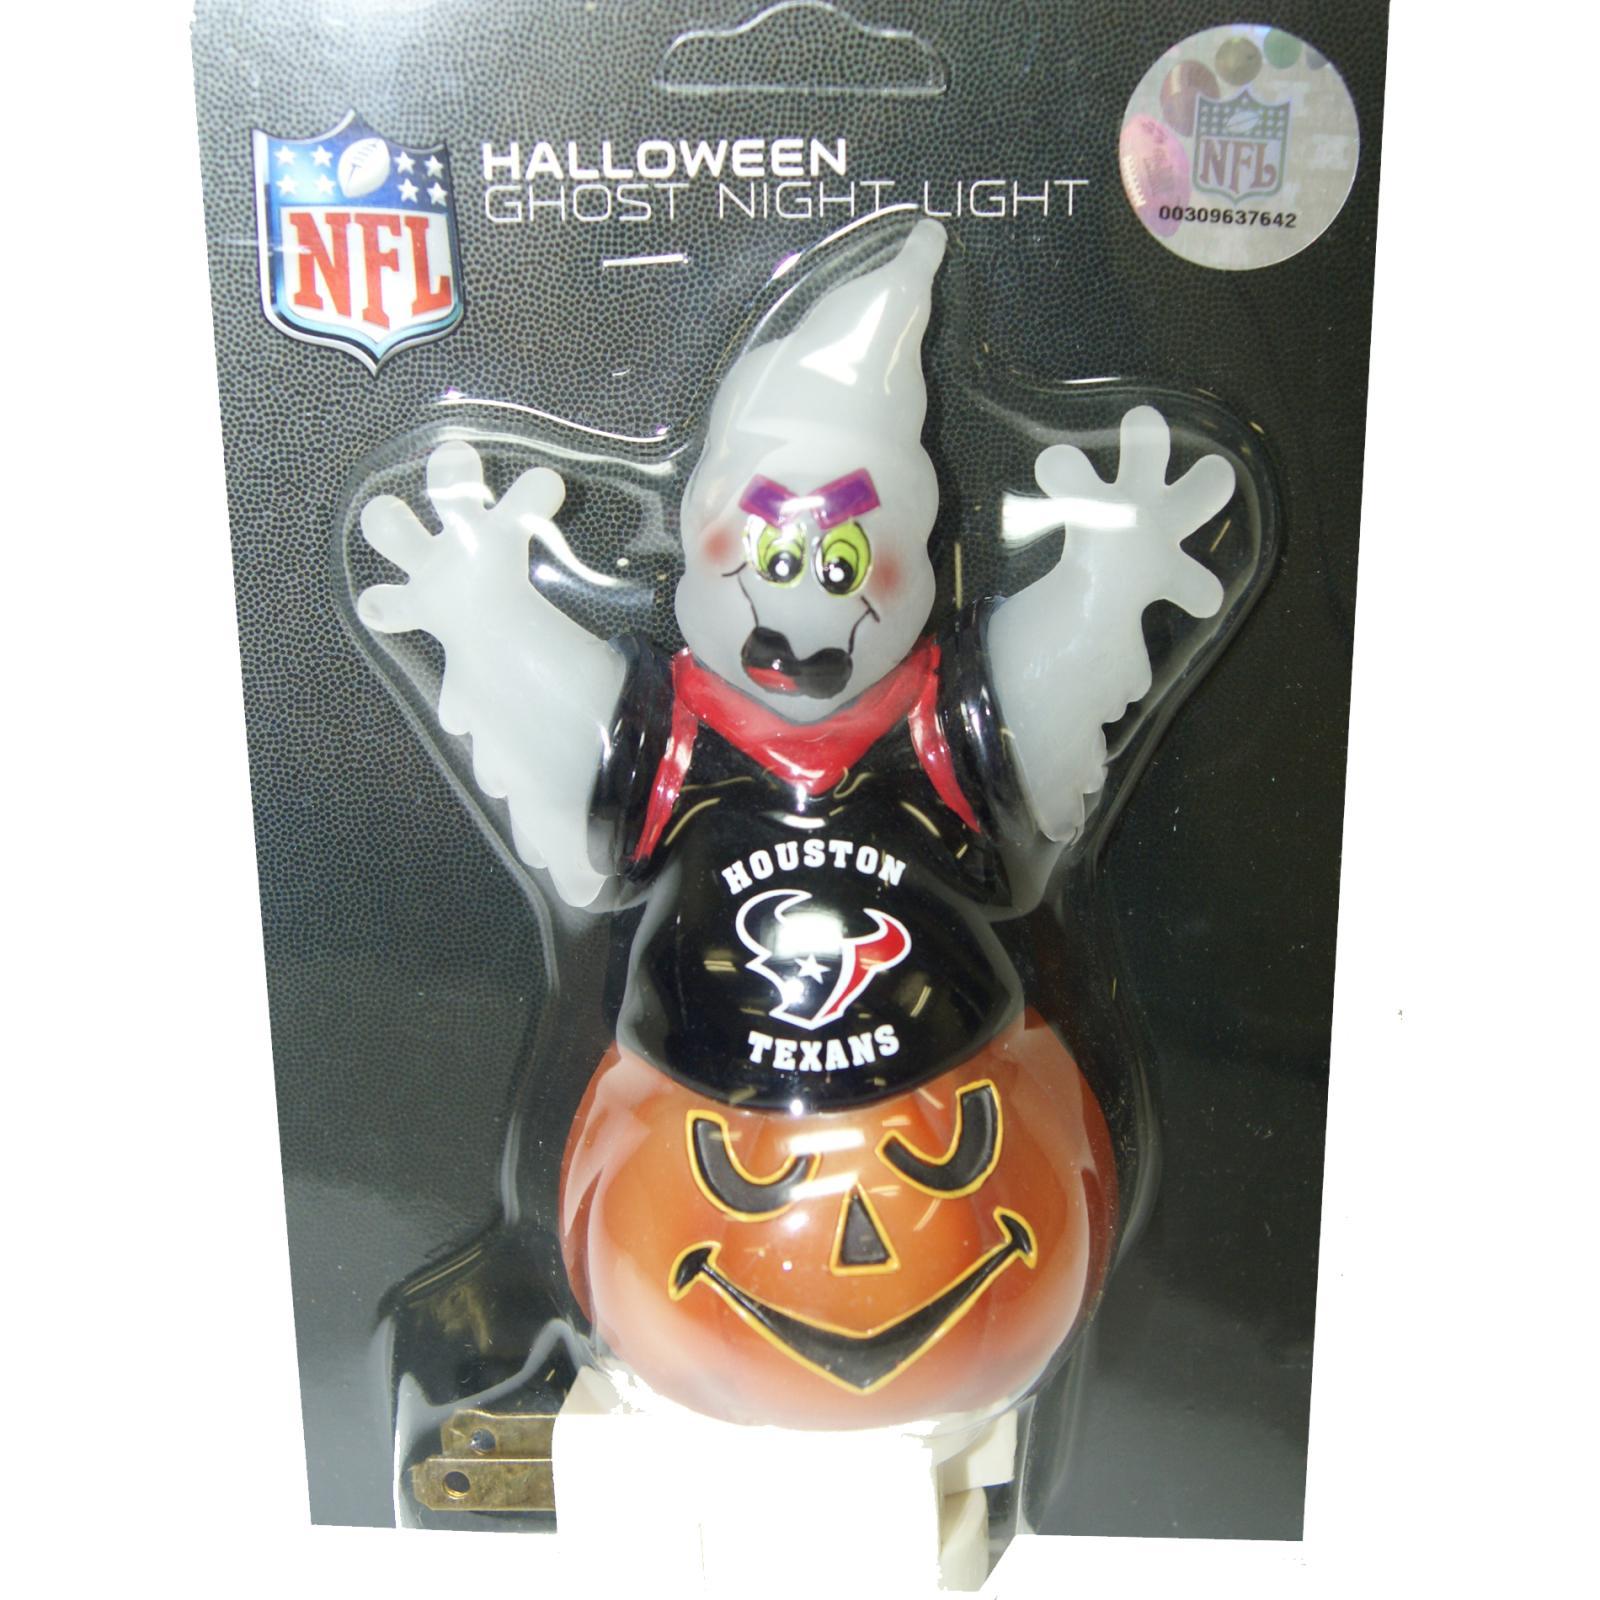 Houston Texans Halloween Ghost Night Light